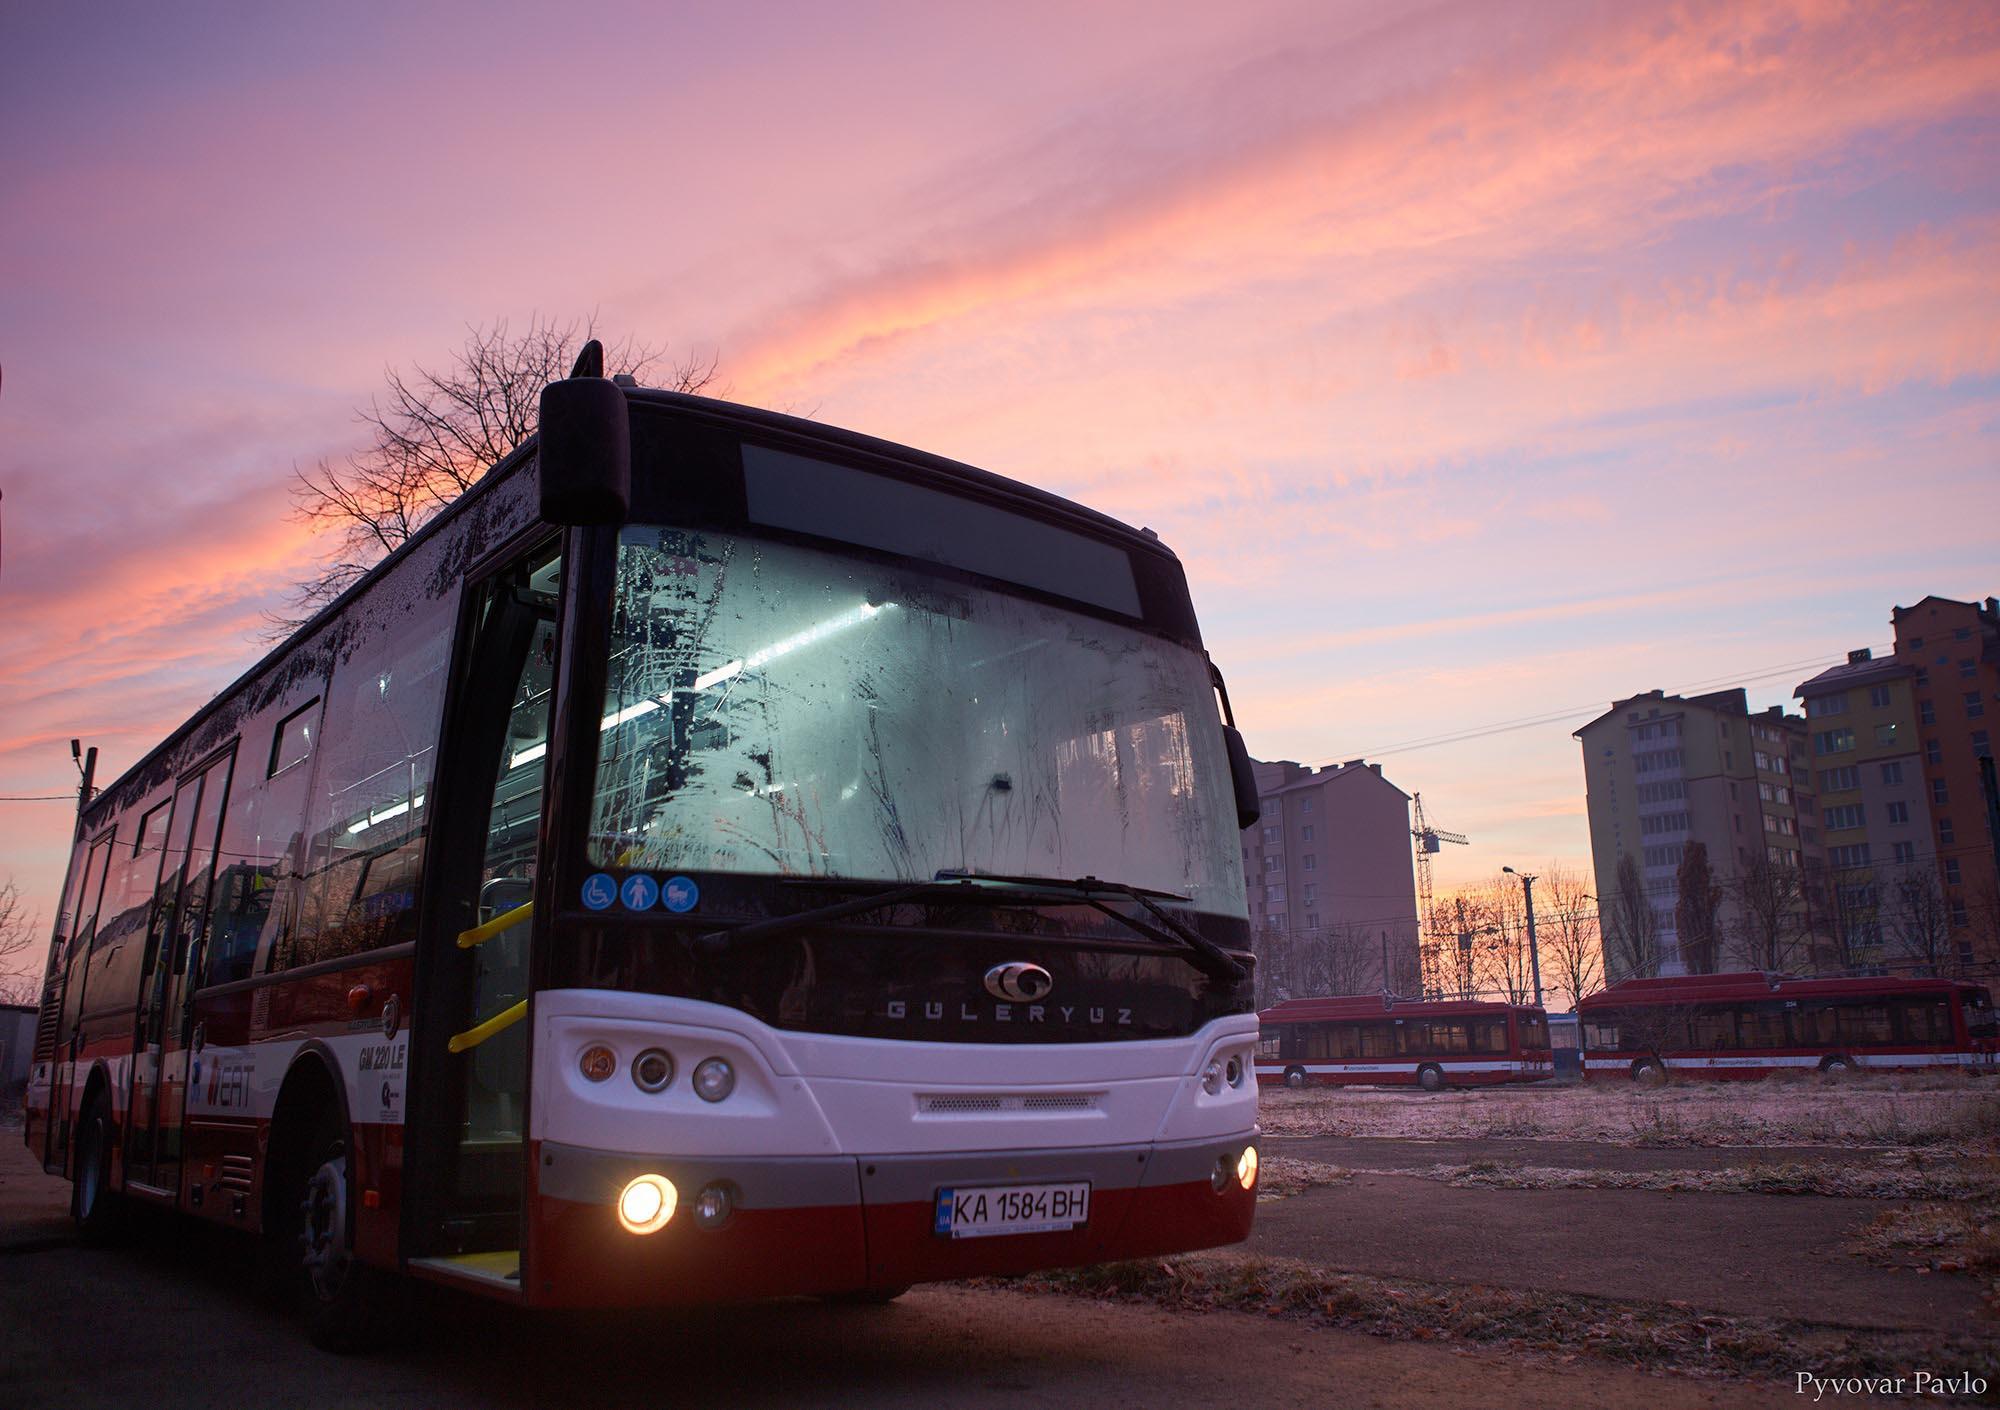 З Позитрона на Пасічну по Вовчинецькій поїде новий комунальний автобус (ФОТО)